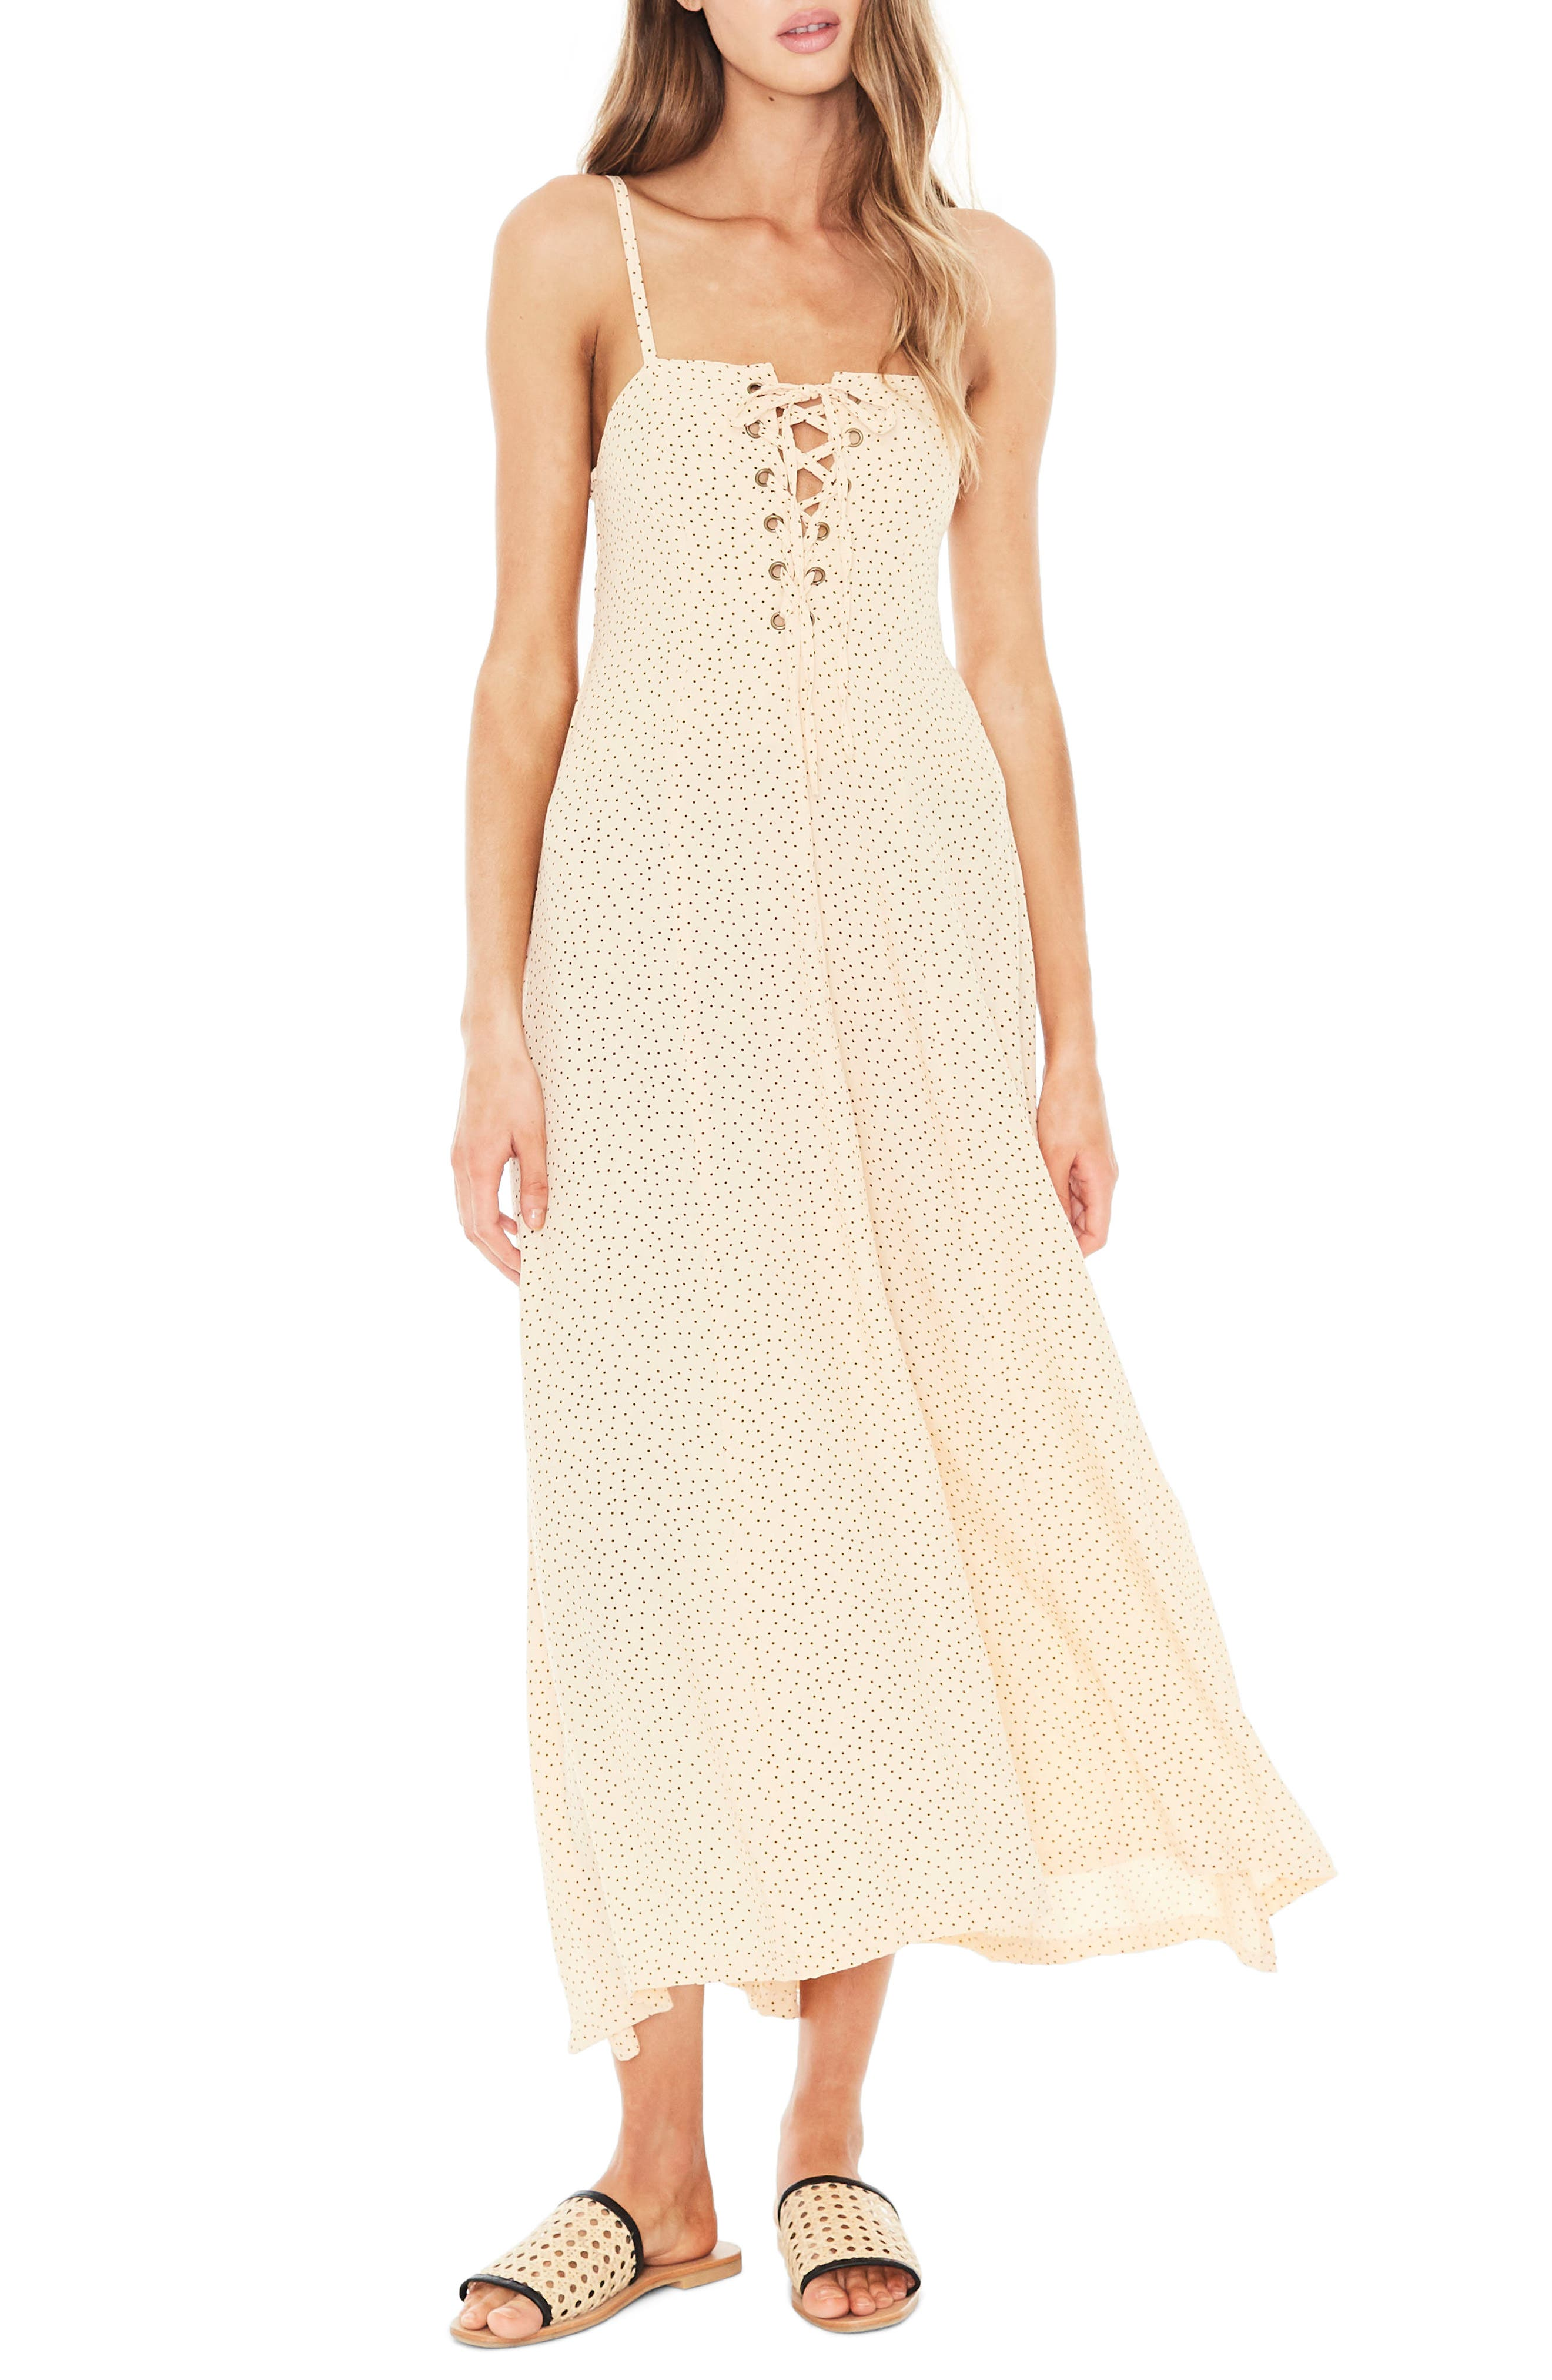 Mirador Lace-Up Midi Dress,                             Main thumbnail 1, color,                             900